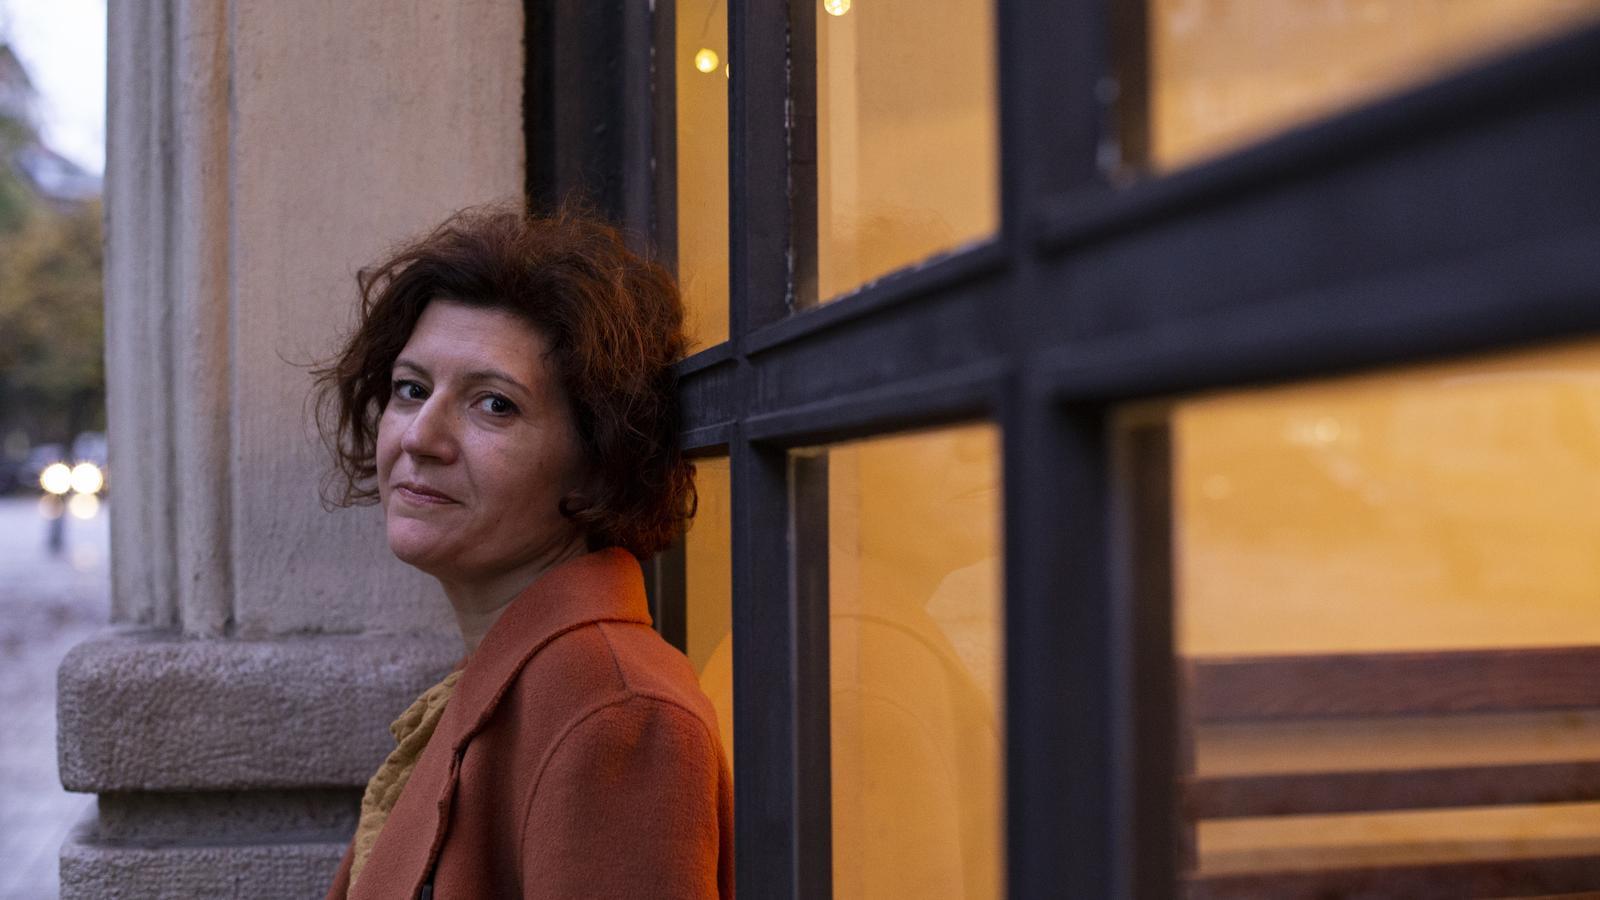 Sílvia Marimon, coautora del llibre 'La dictadura de pedra'